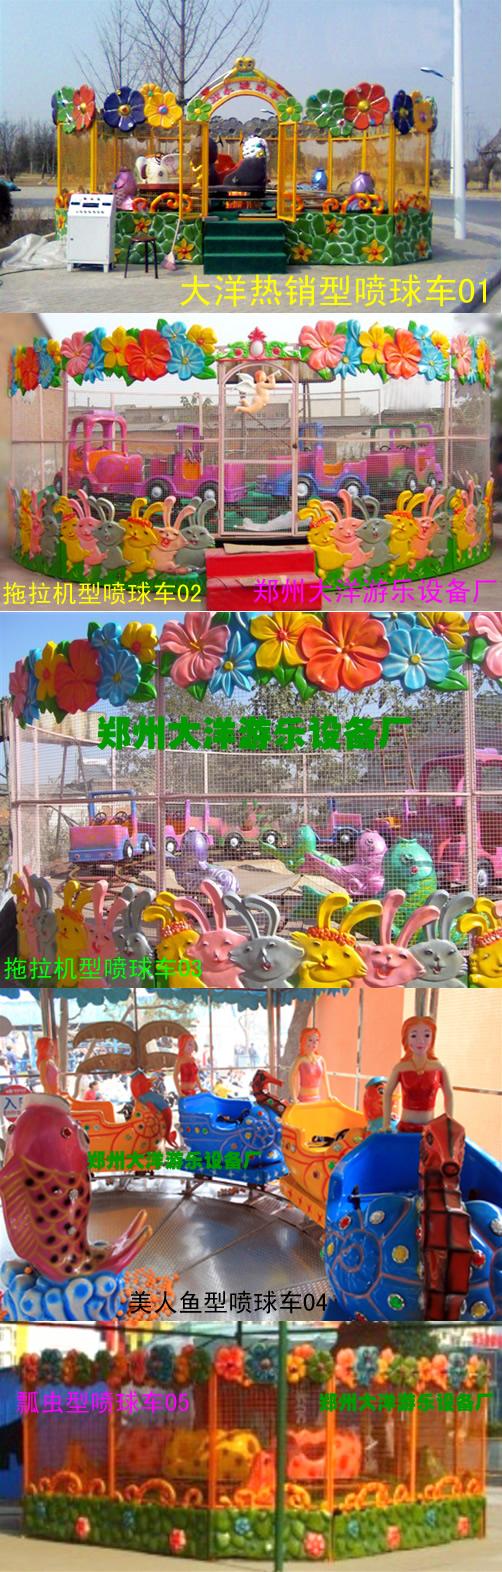 郑州大洋儿童游乐设备欢乐喷球车 新赚钱神器轨道欢乐喷球车厂家造型分类齐全保您满意示例图4